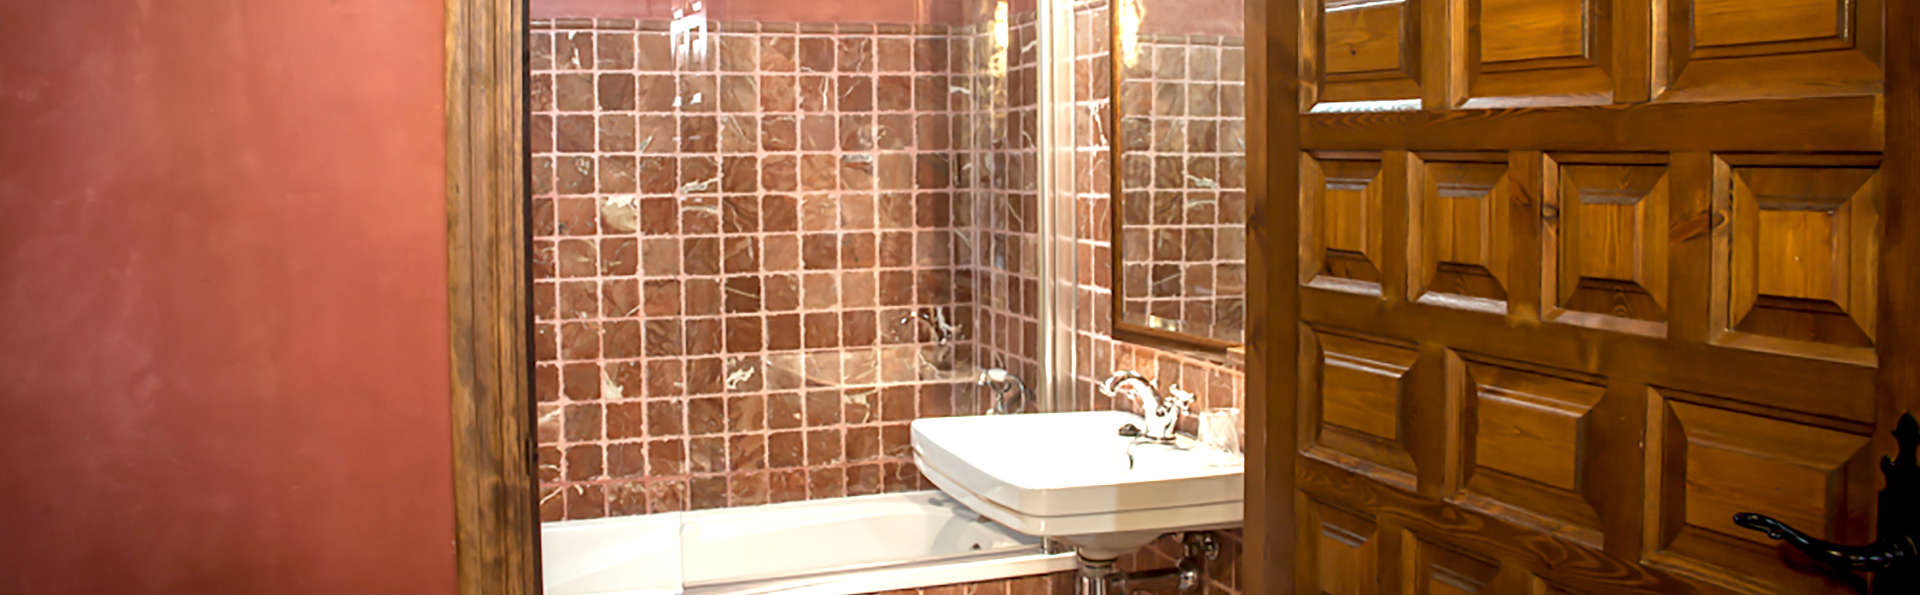 Hospedería del Monasterio - Edit_Bathroom.jpg